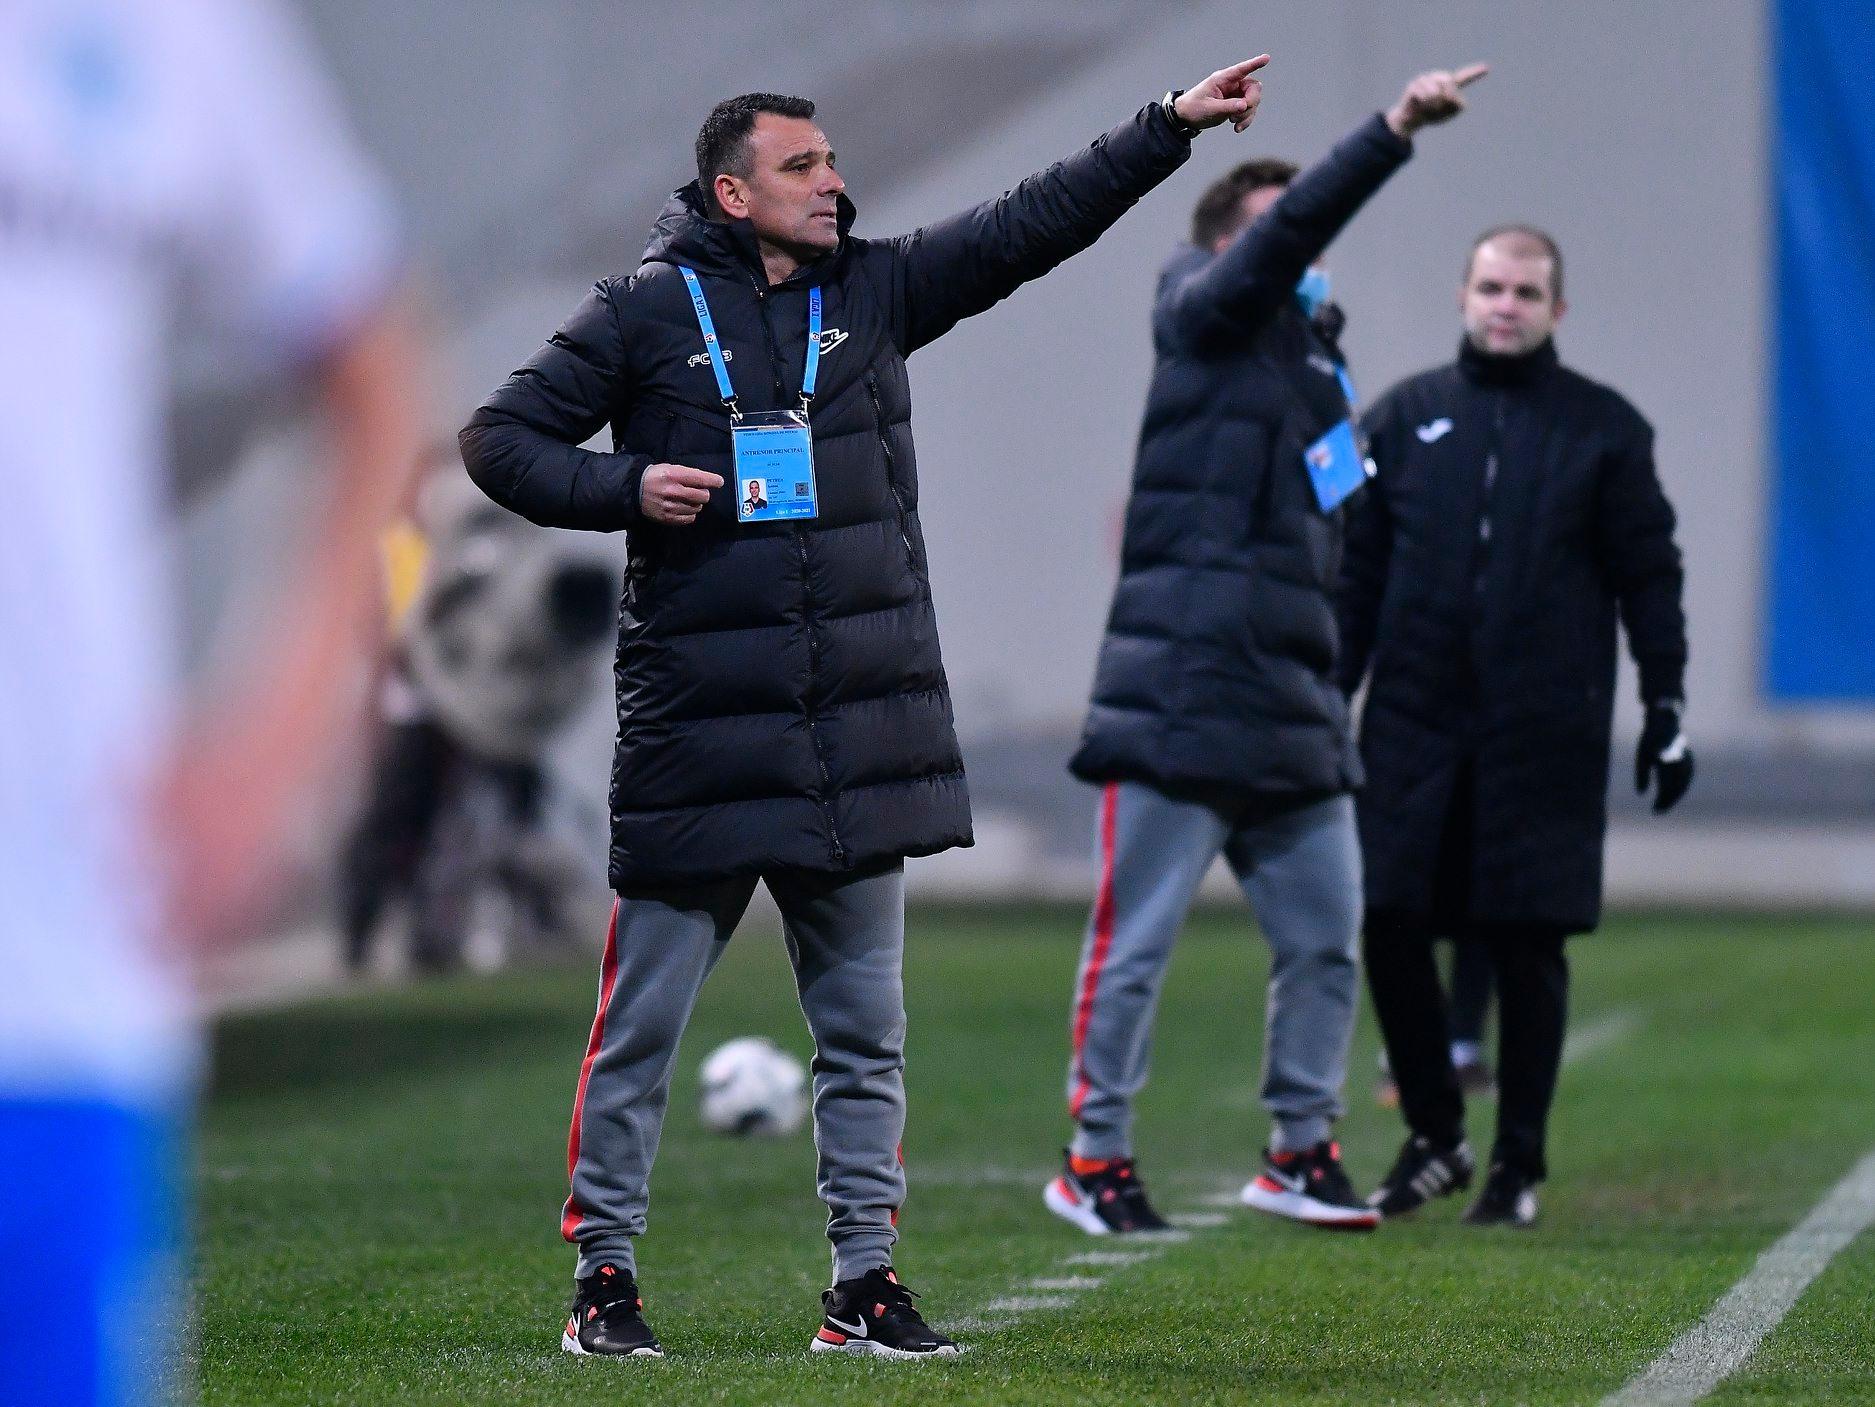 FCSB Toni Petrea